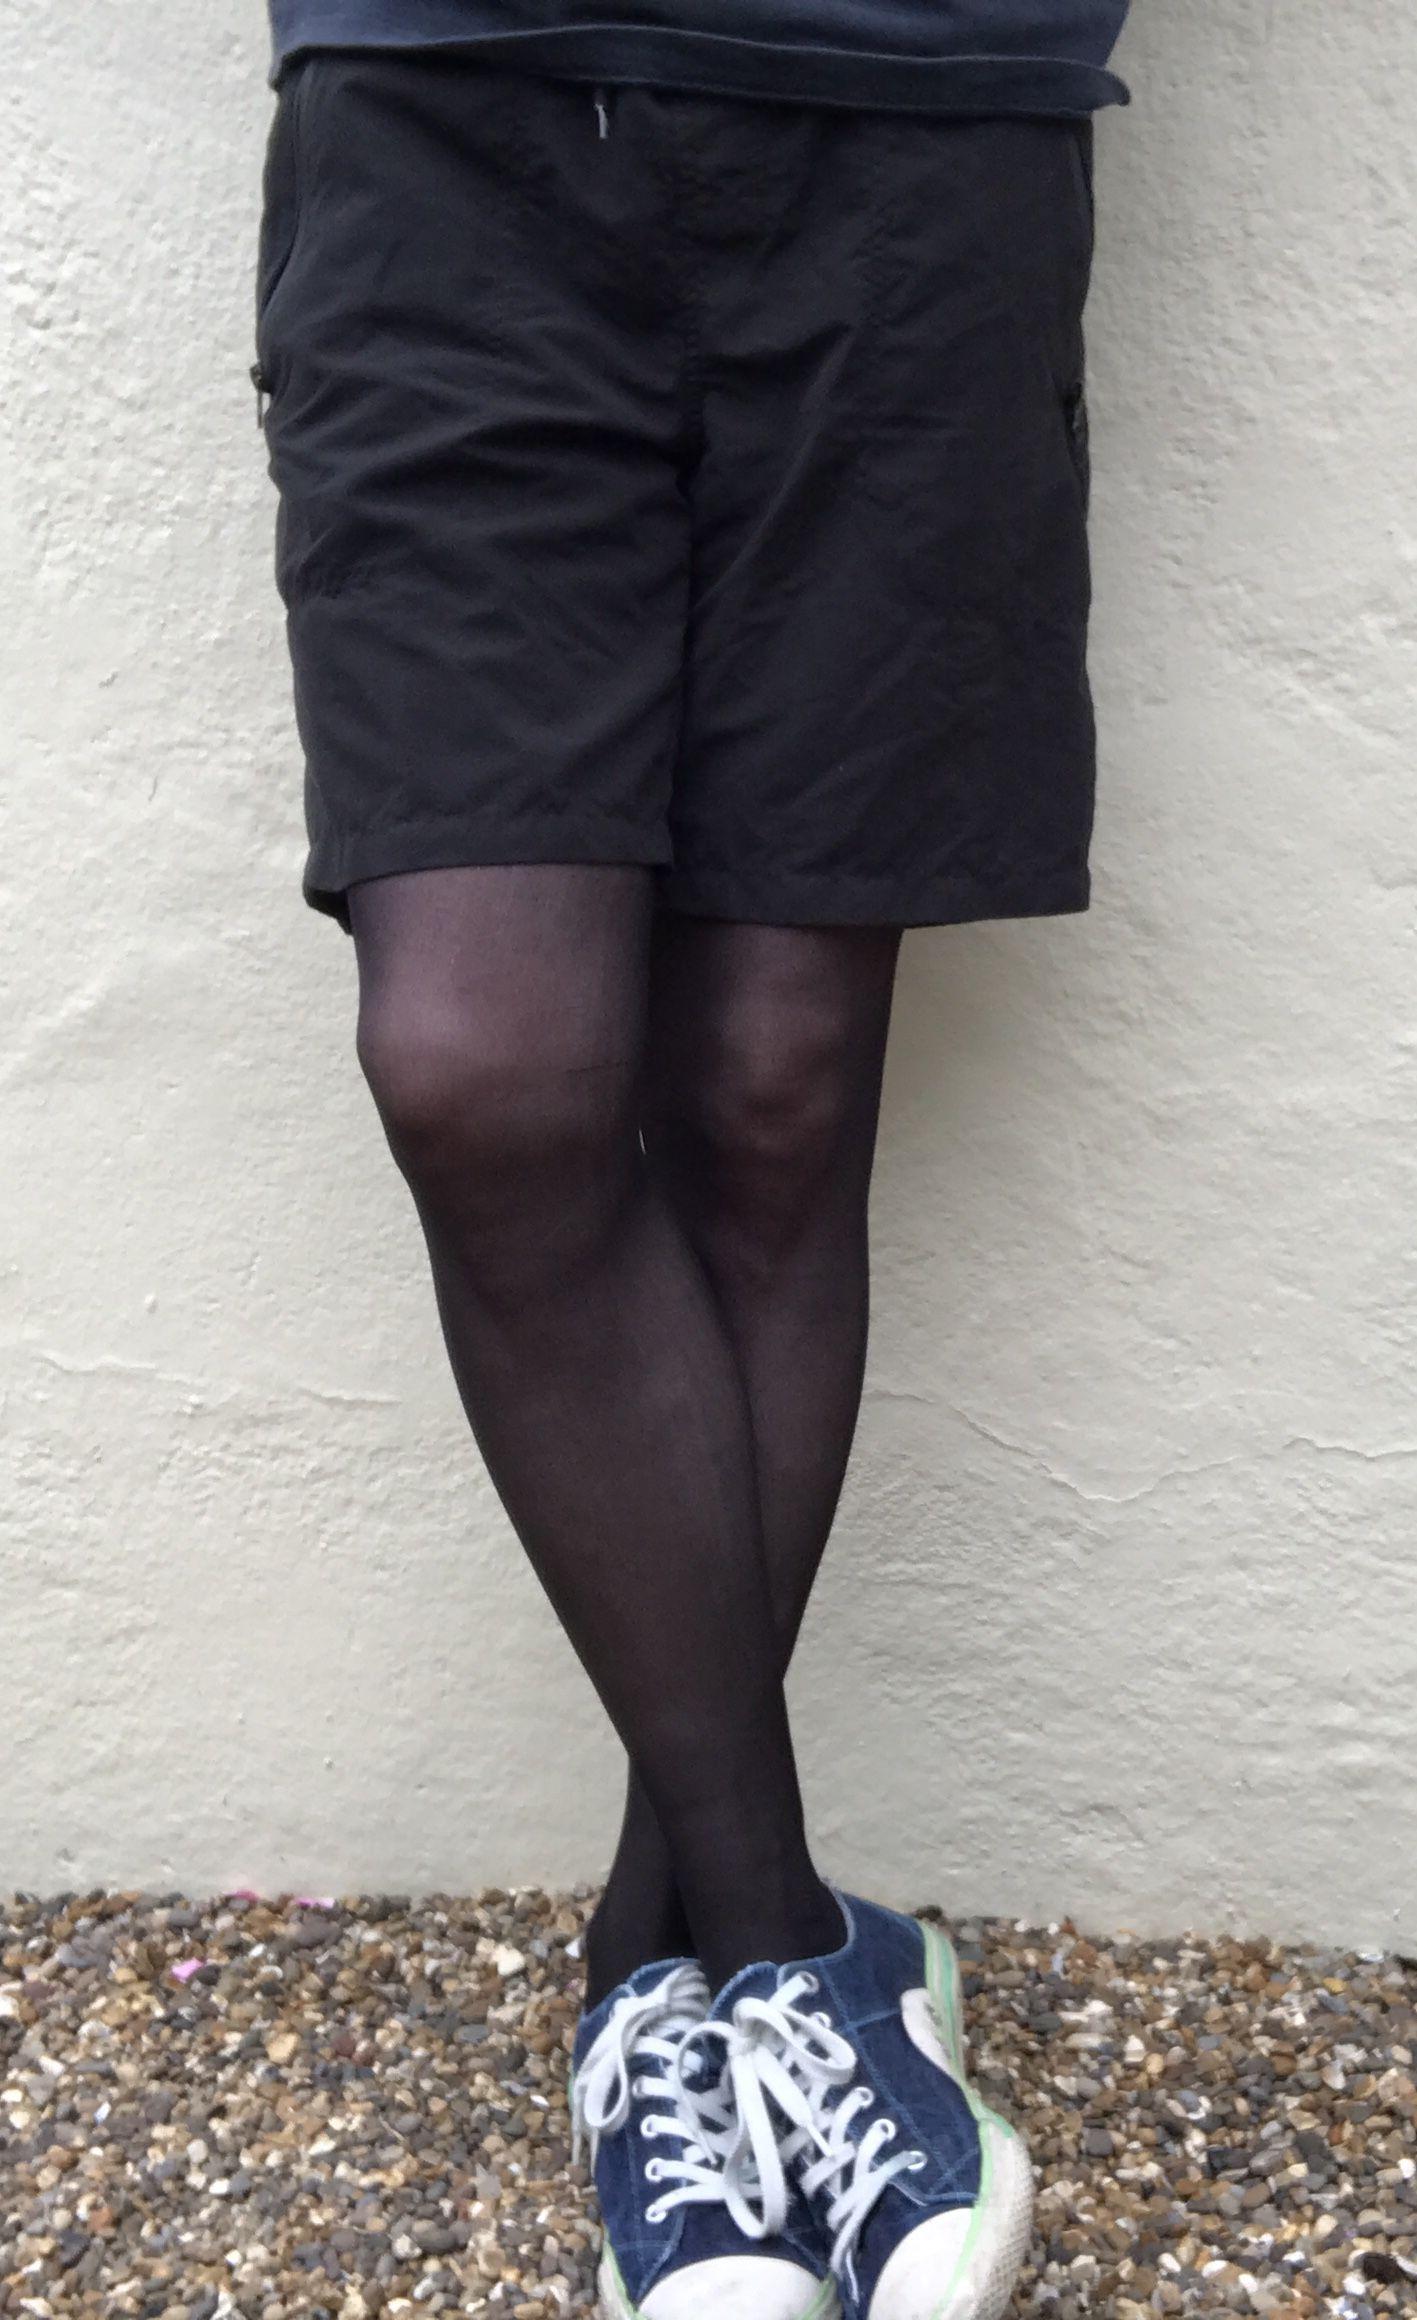 Man in black tights and shorts   Strumpfhosen männer